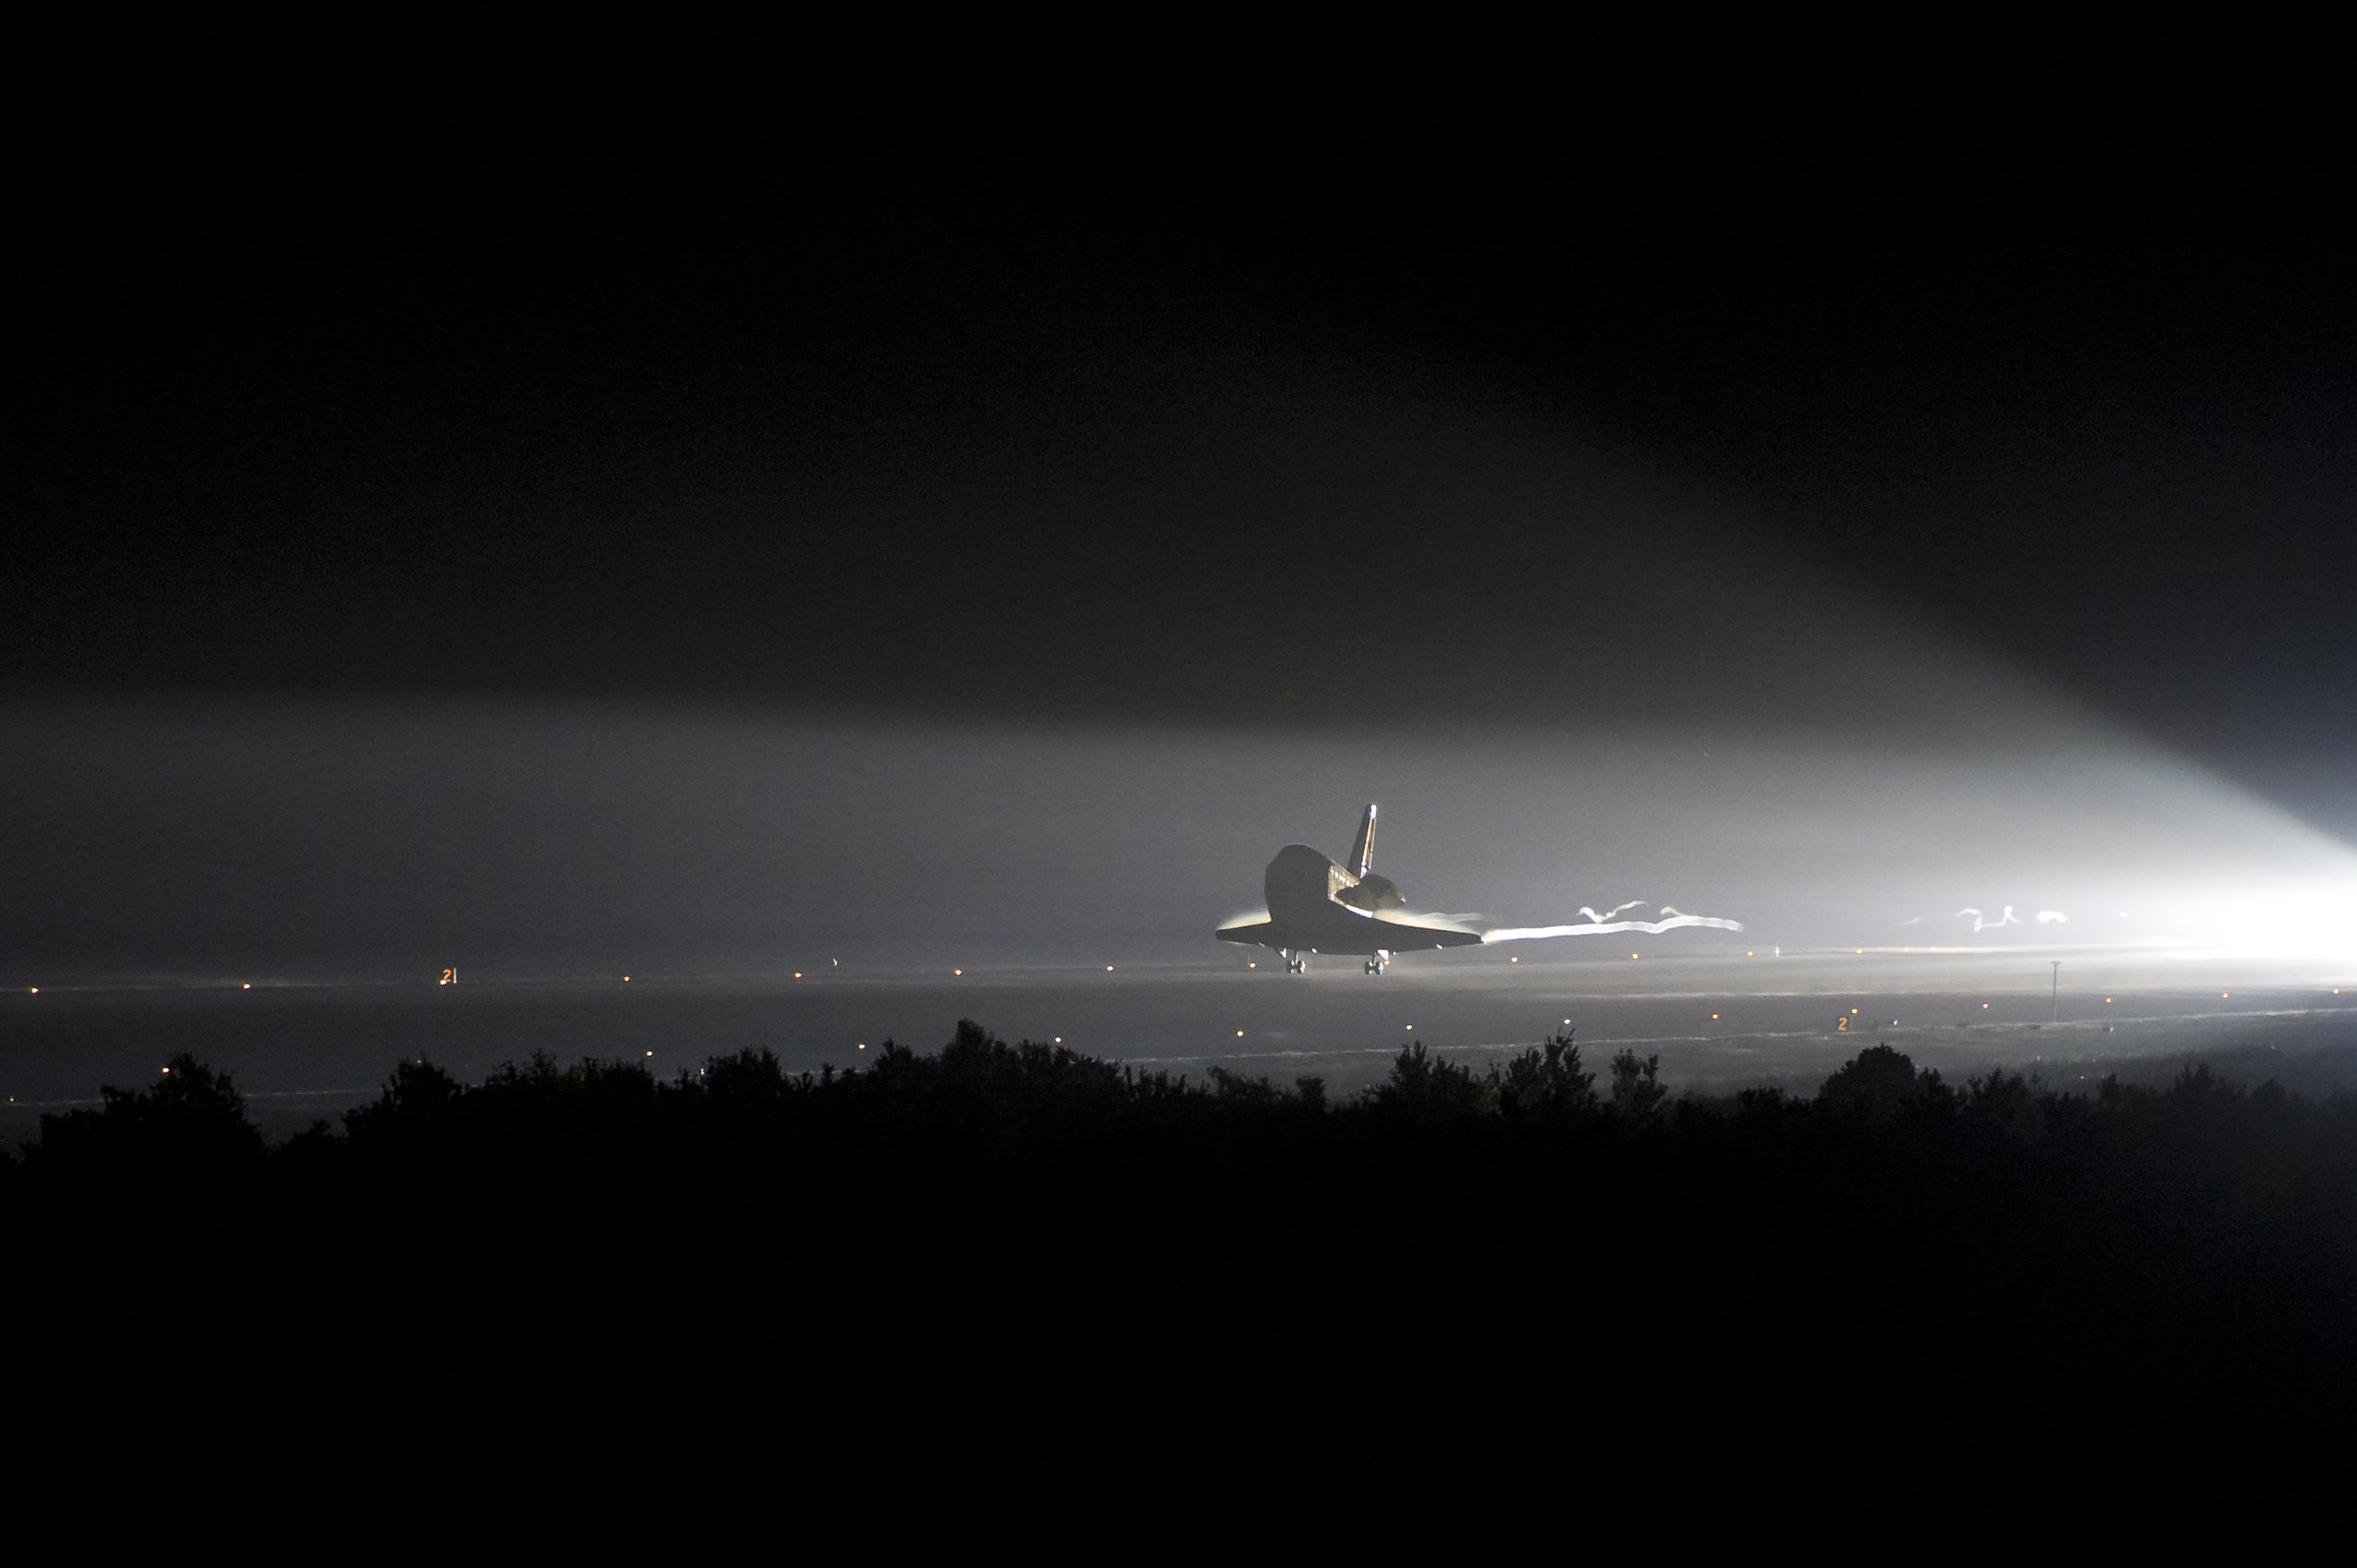 space shuttle endeavour last mission - photo #47